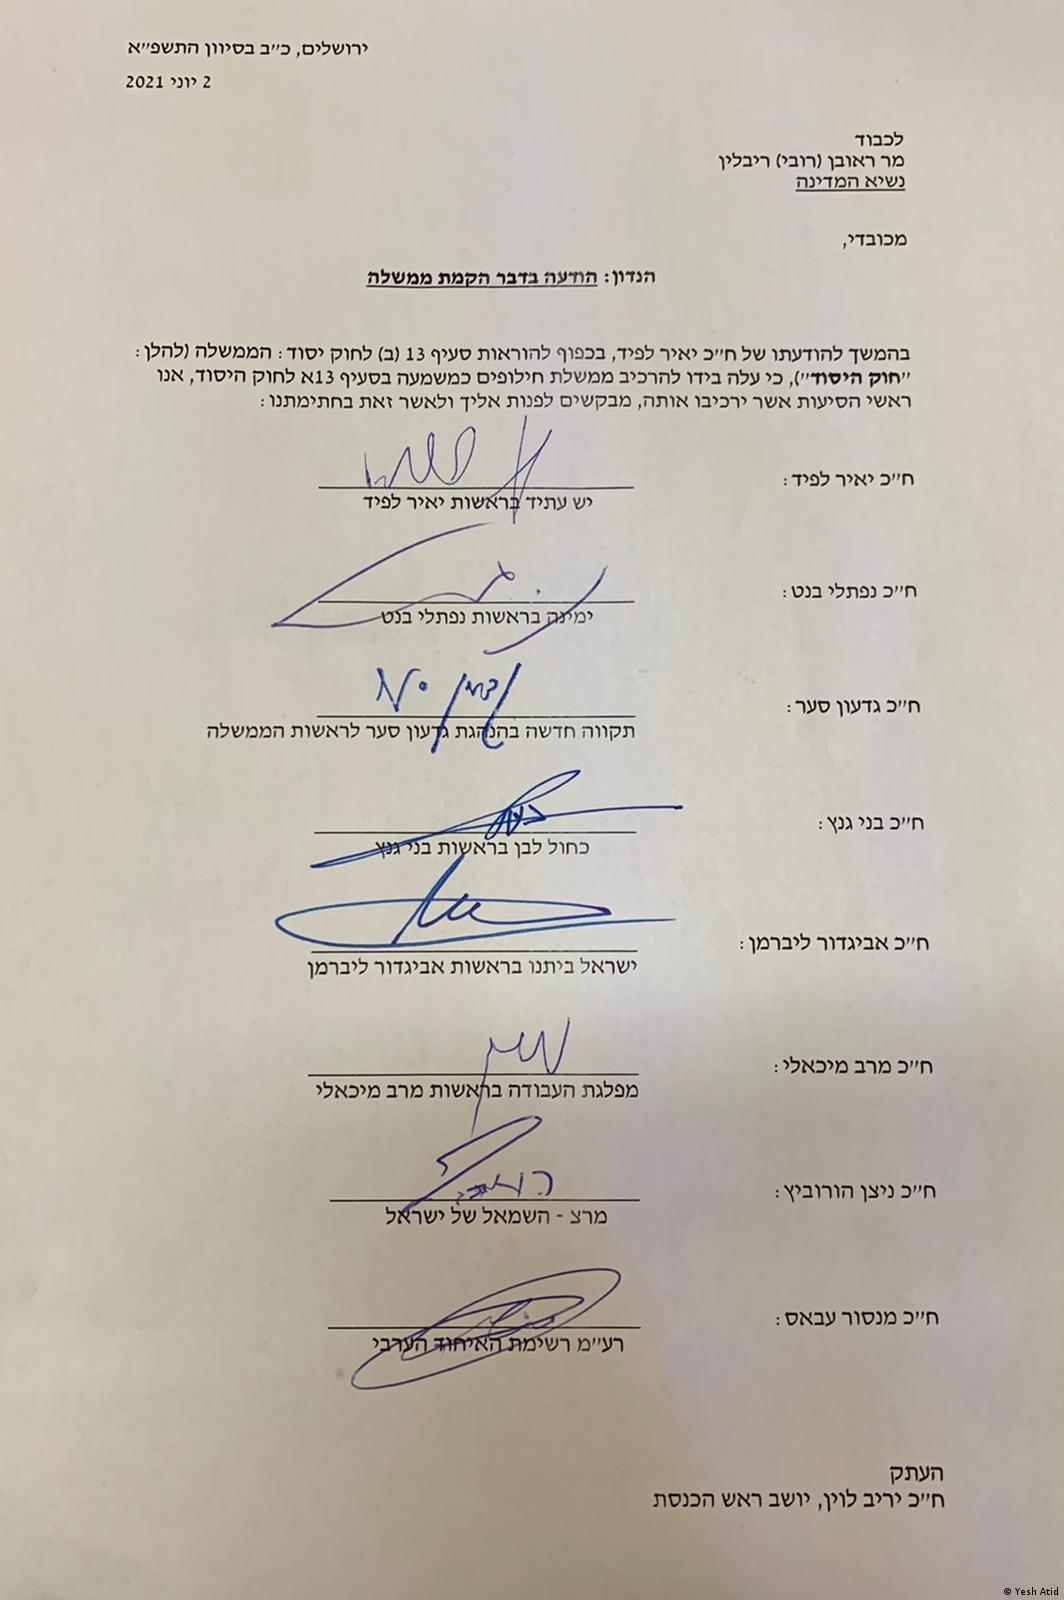 Οι υπογραφές των 9 κυβερνητικών εταίρων